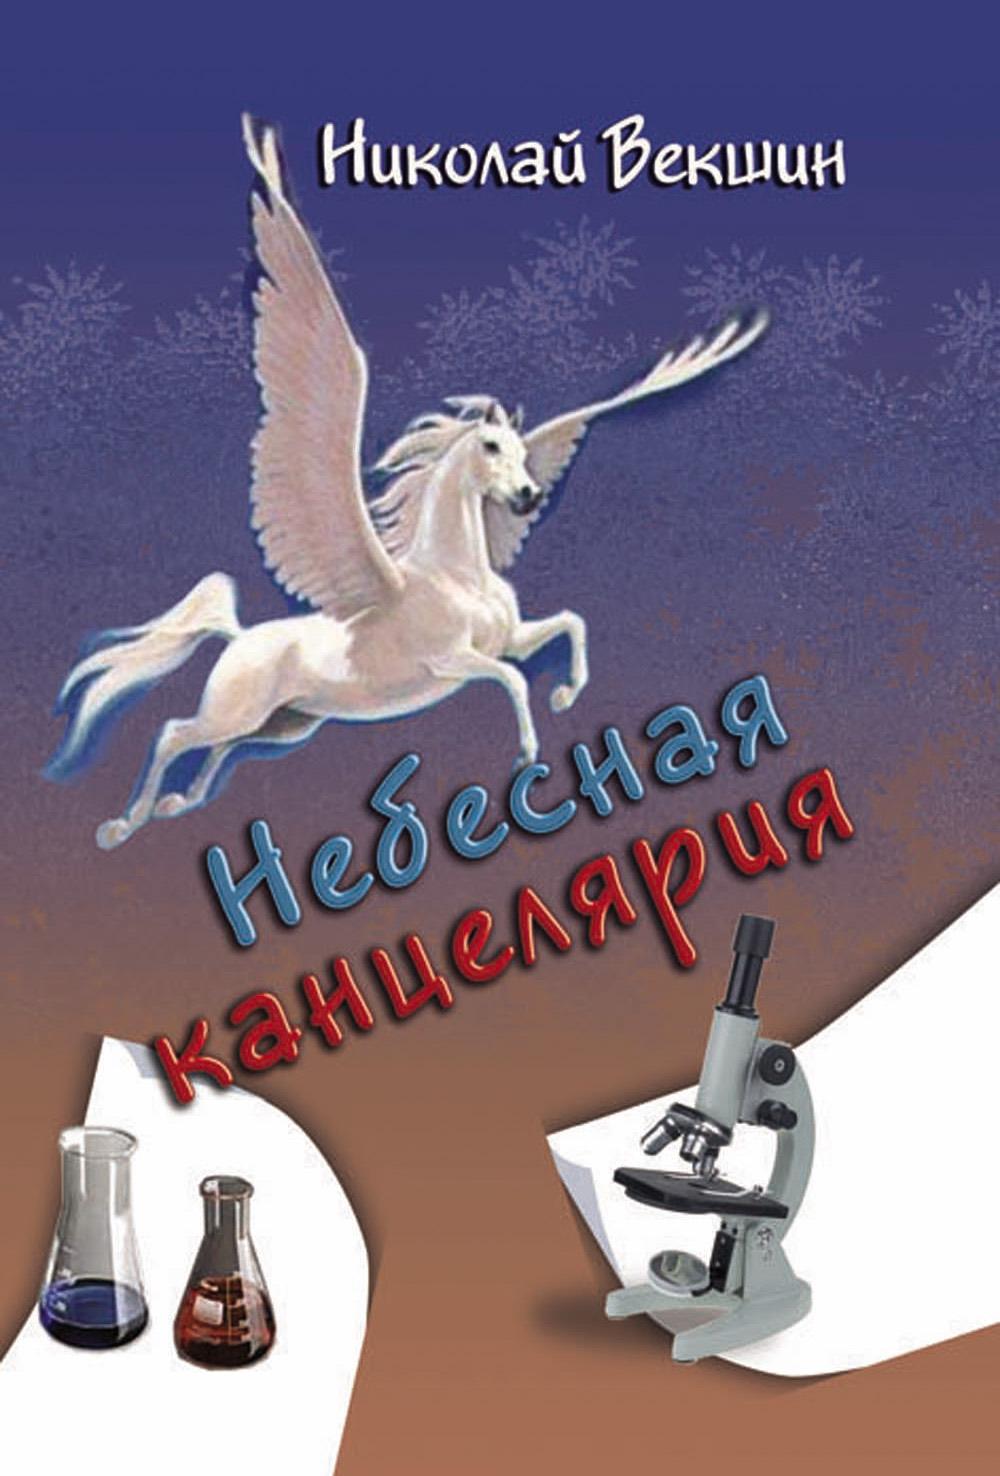 Н. Л. Векшин Небесная канцелярия (сборник) канцелярия trimensions блокнот книга тайн